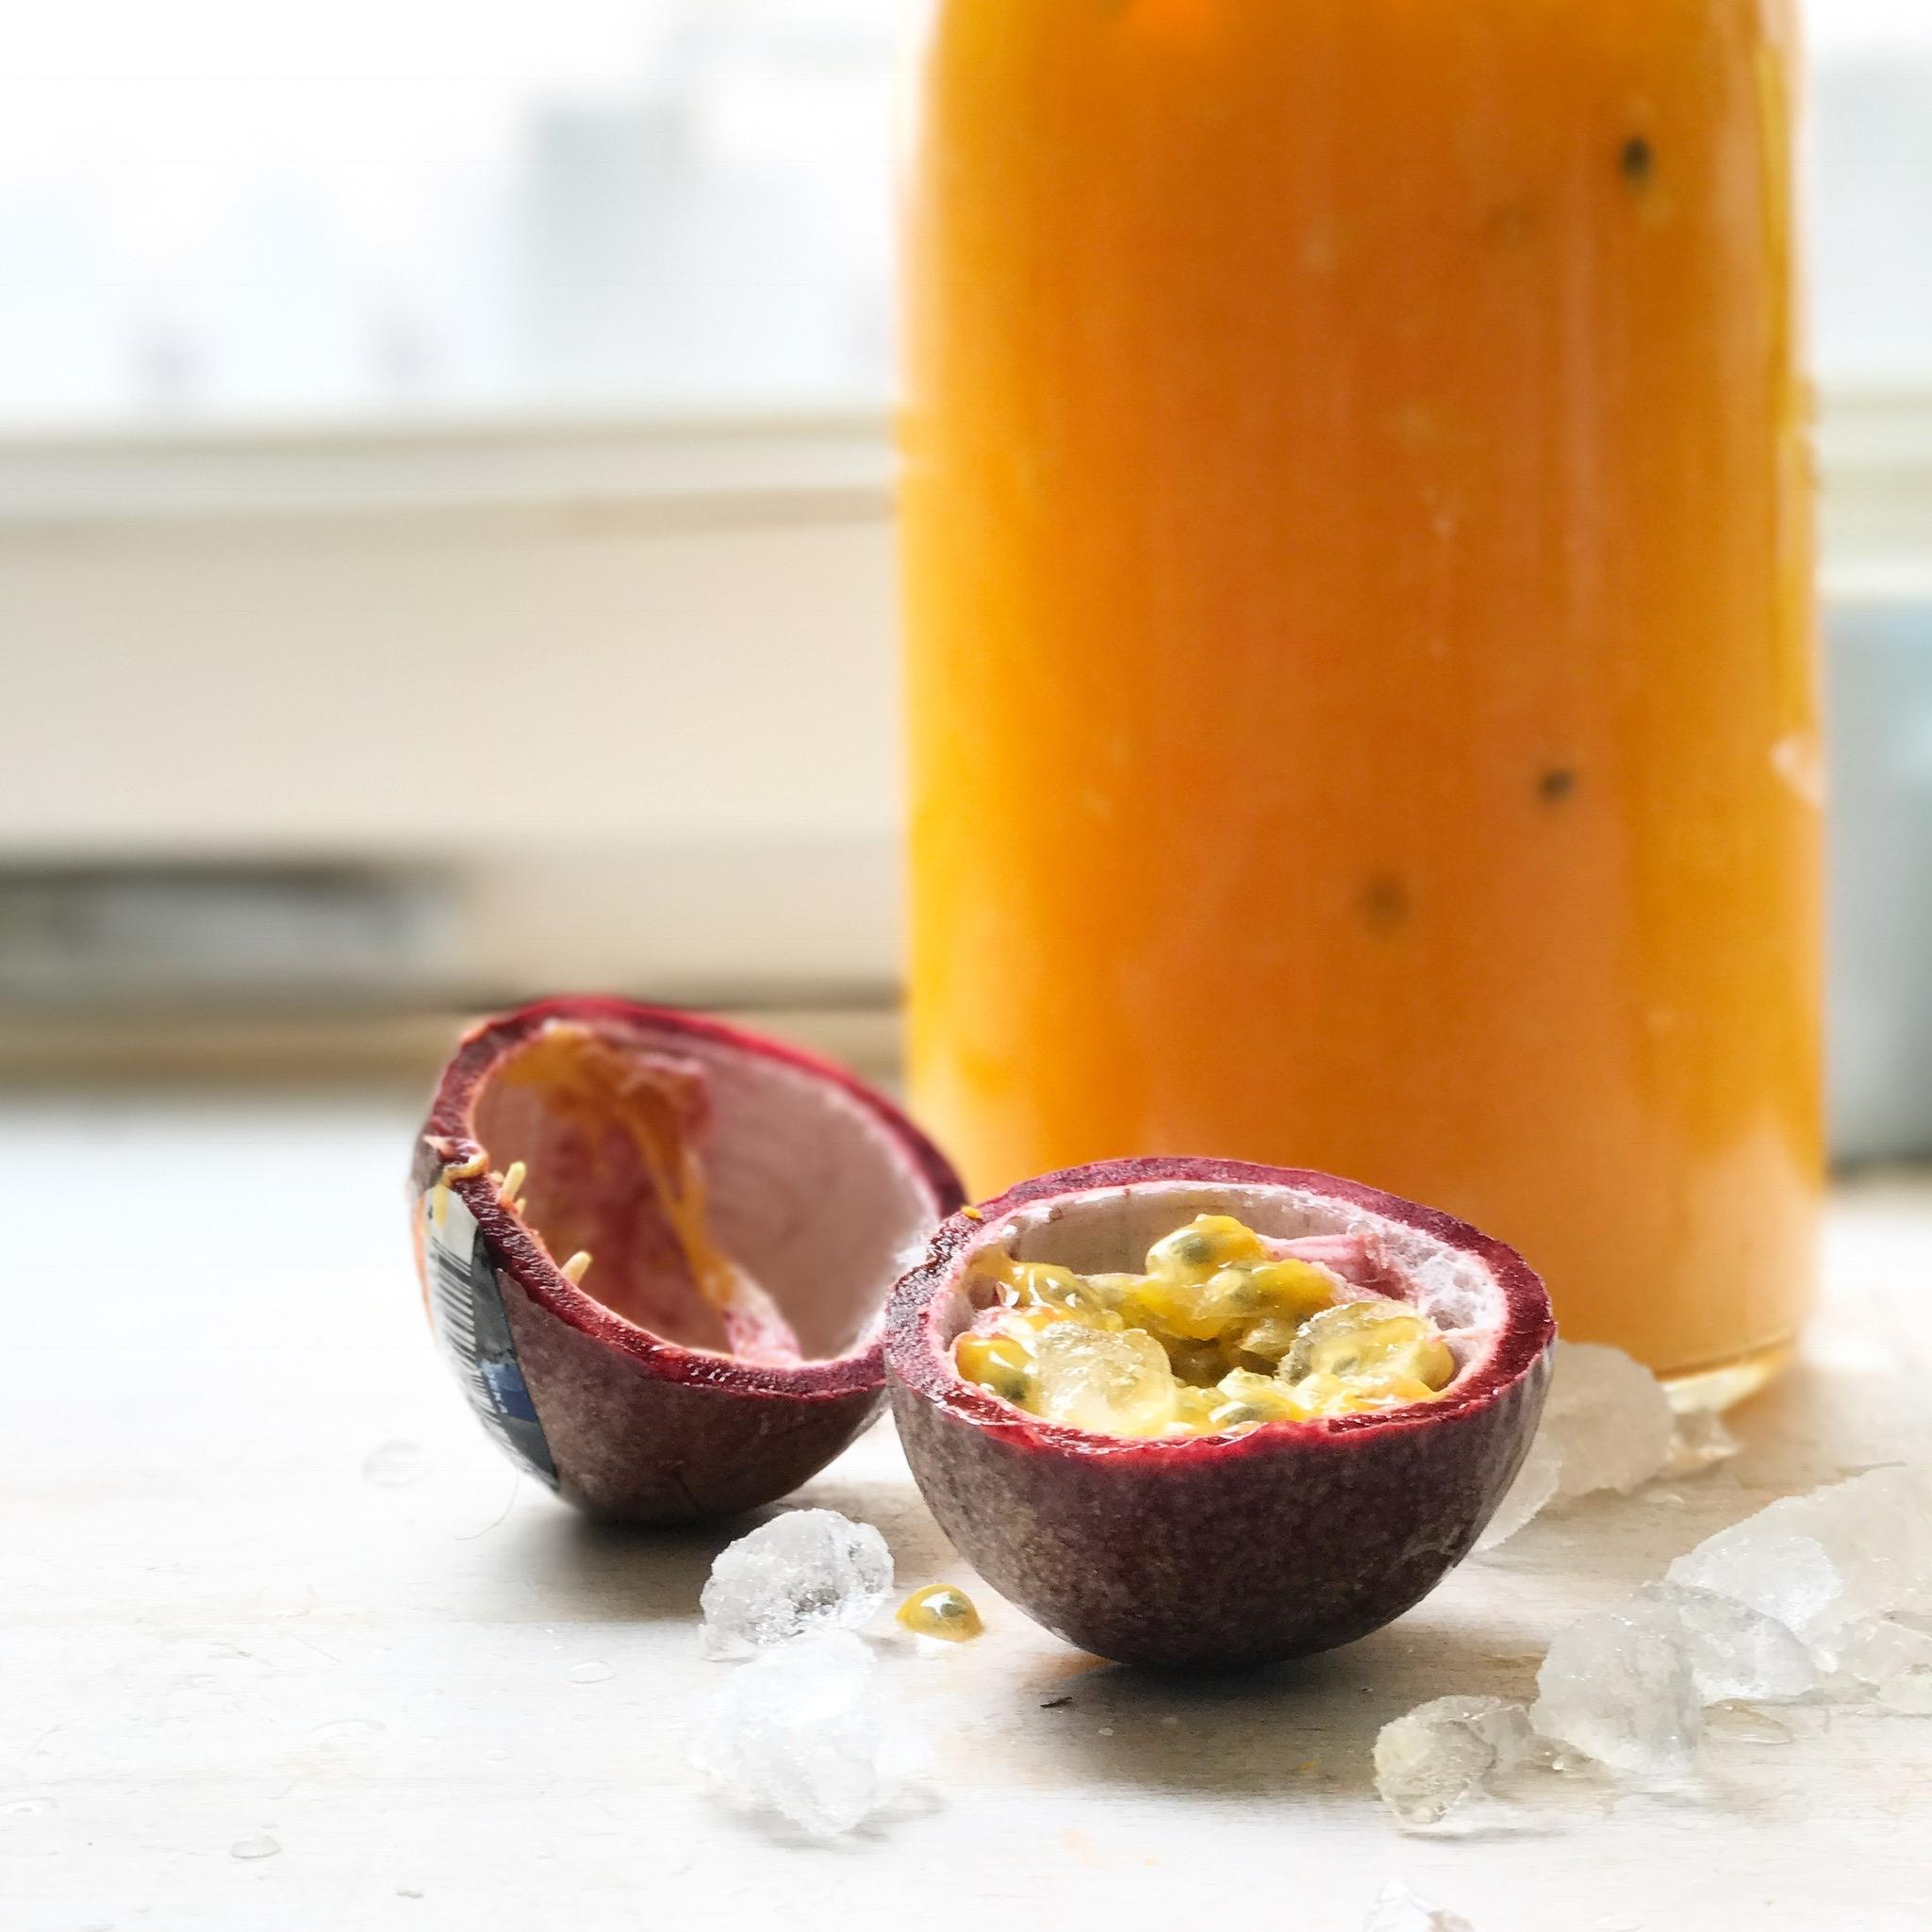 ein Rezept für eine fruchtige Sommerbrause gibt es auf www.elfenkindberlin.de